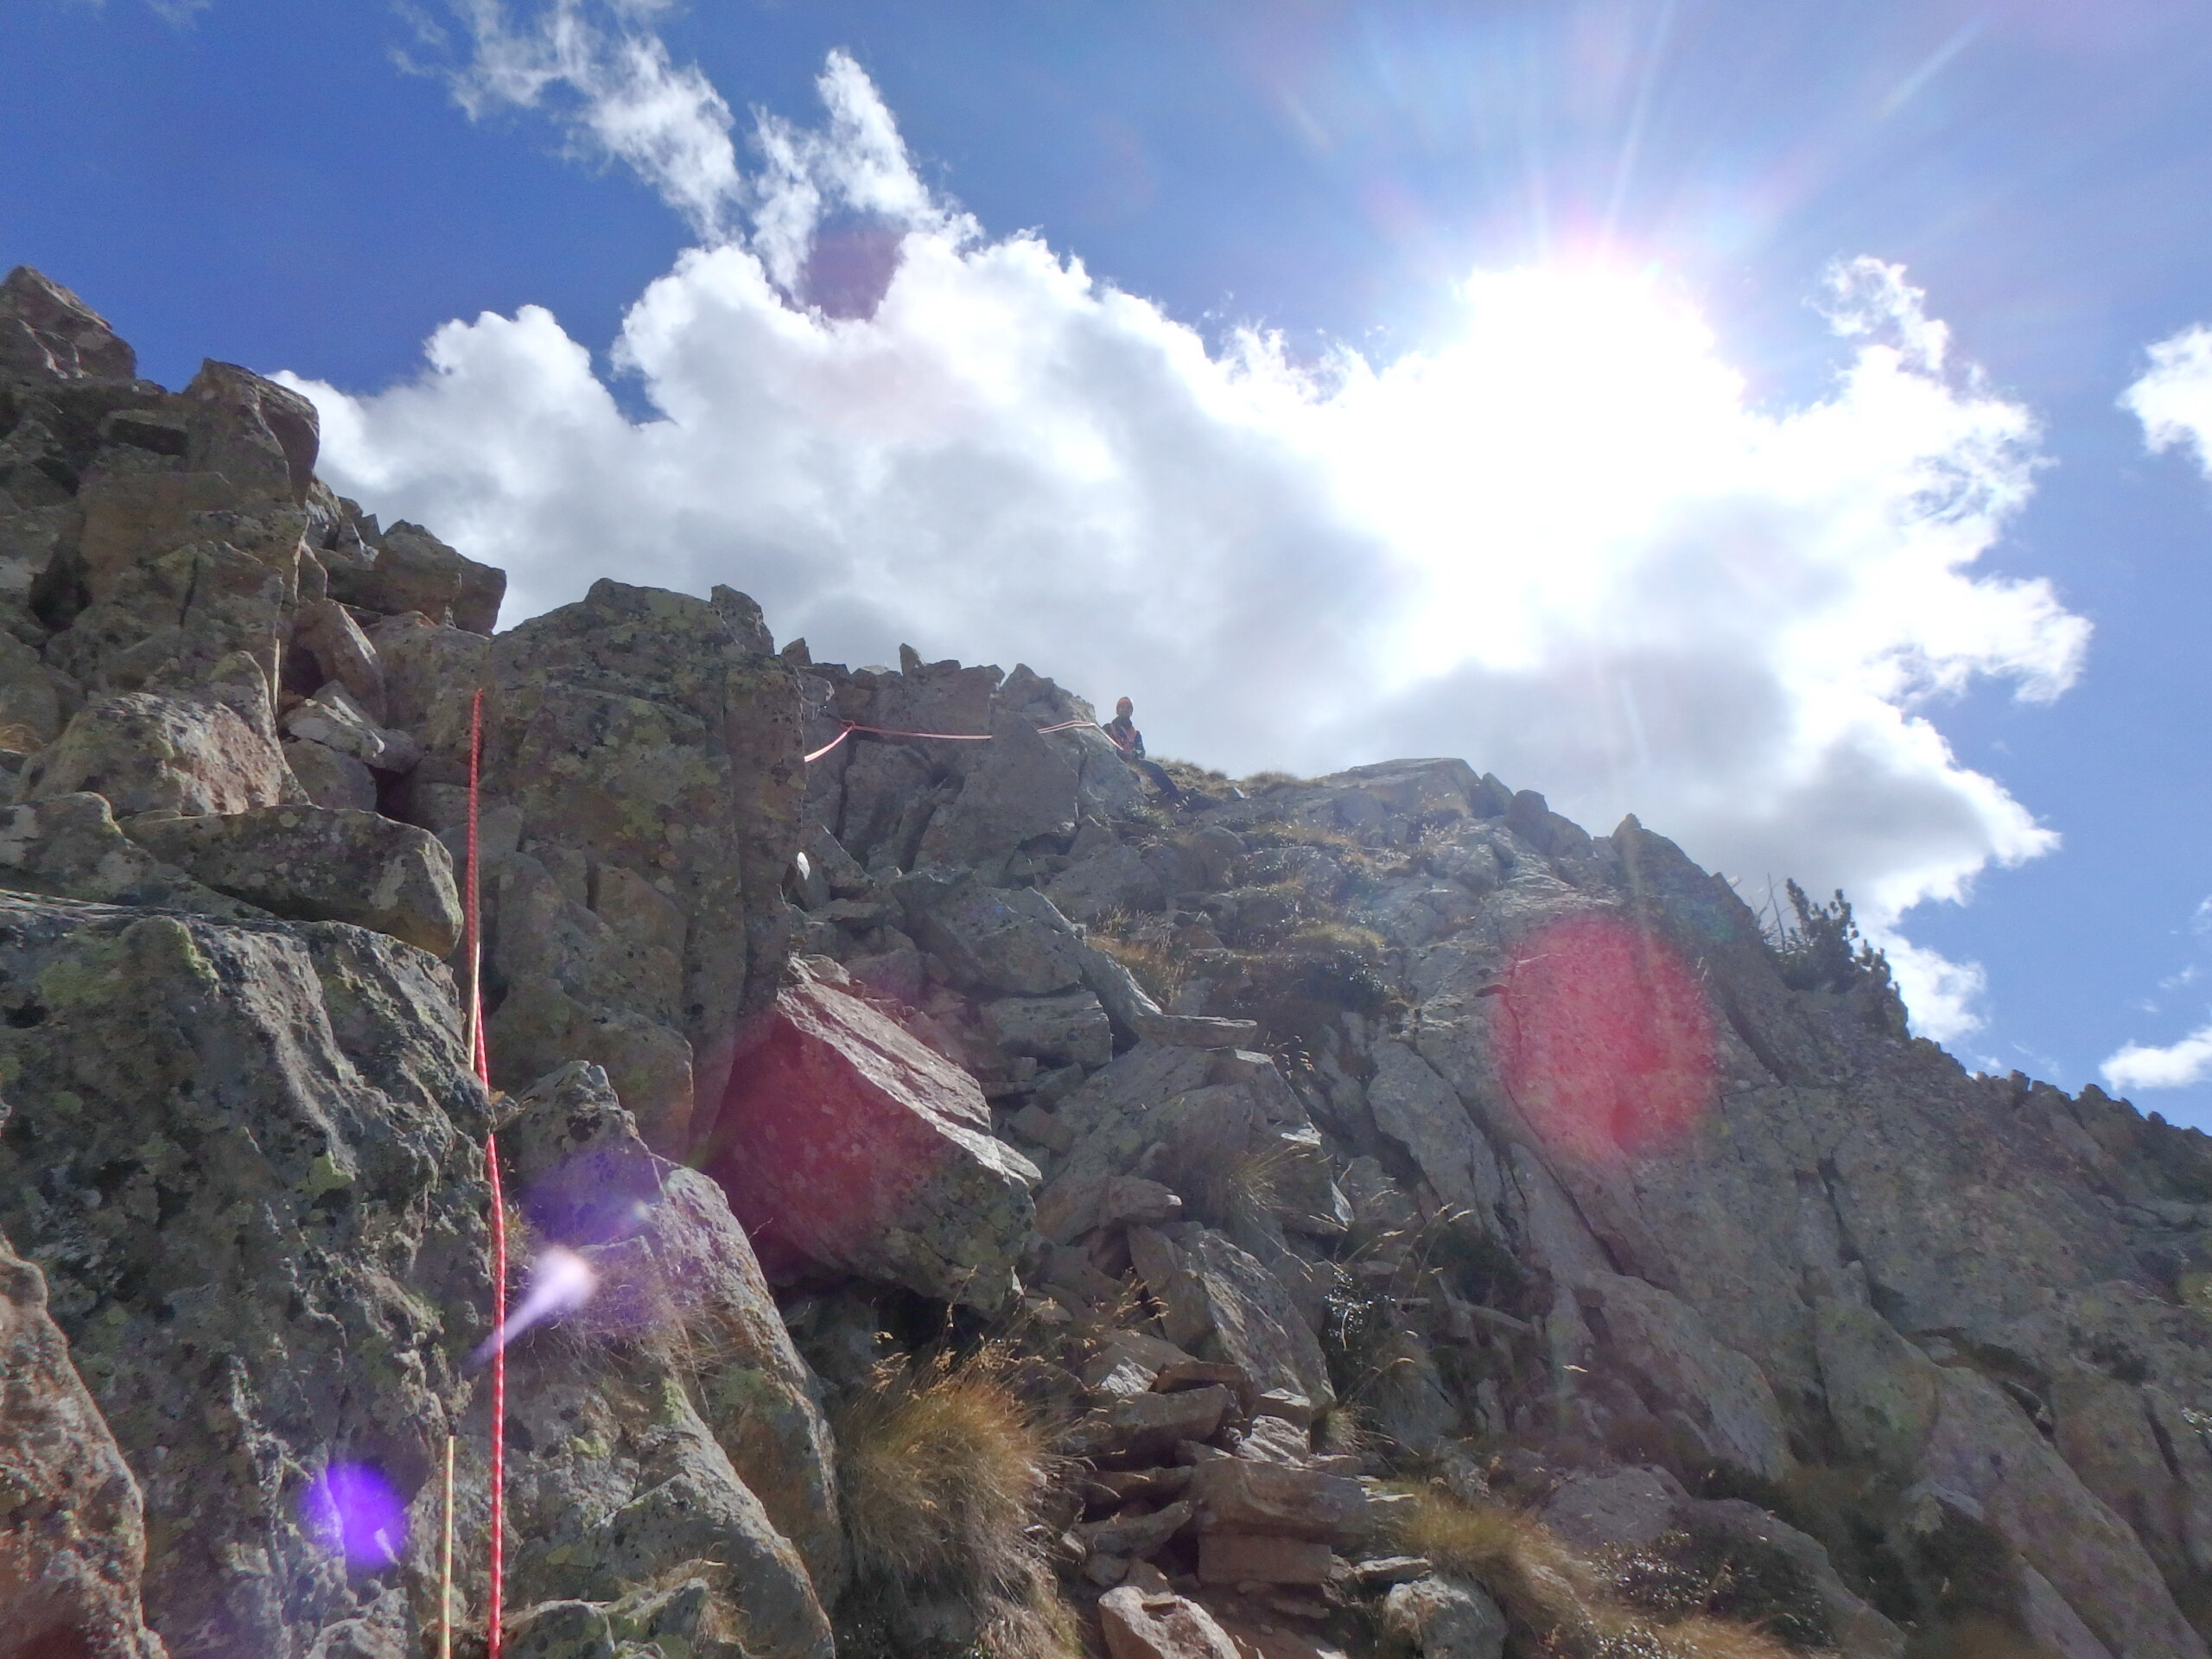 Une arrête de la fraicheur, au Grand Cayre de la Madone  P9260634